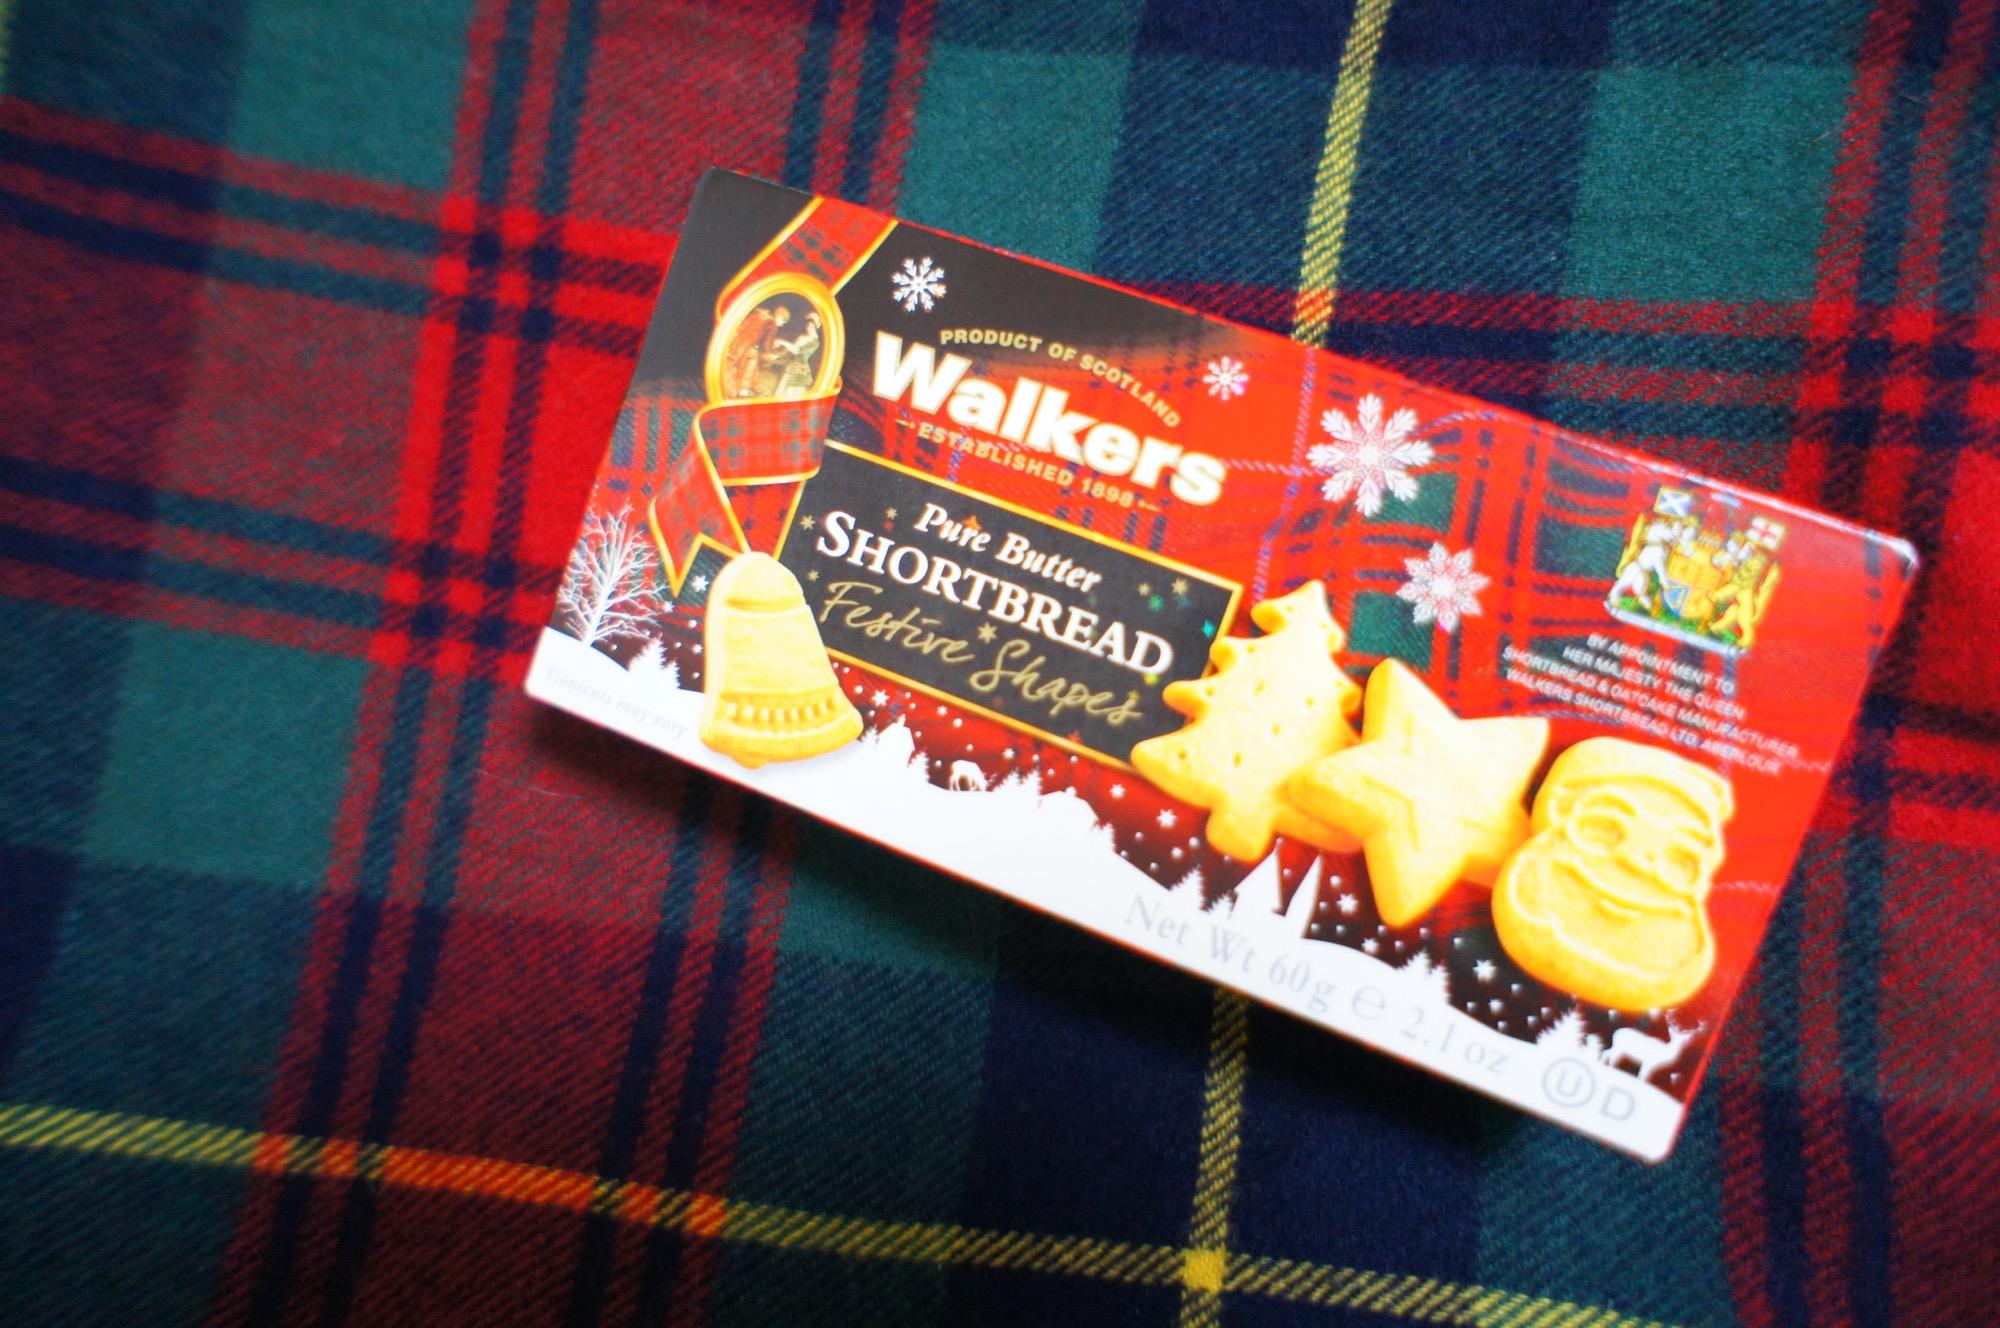 《カルディで買える❤️》【Walkers】のクリスマスクッキーが可愛い!☻_1